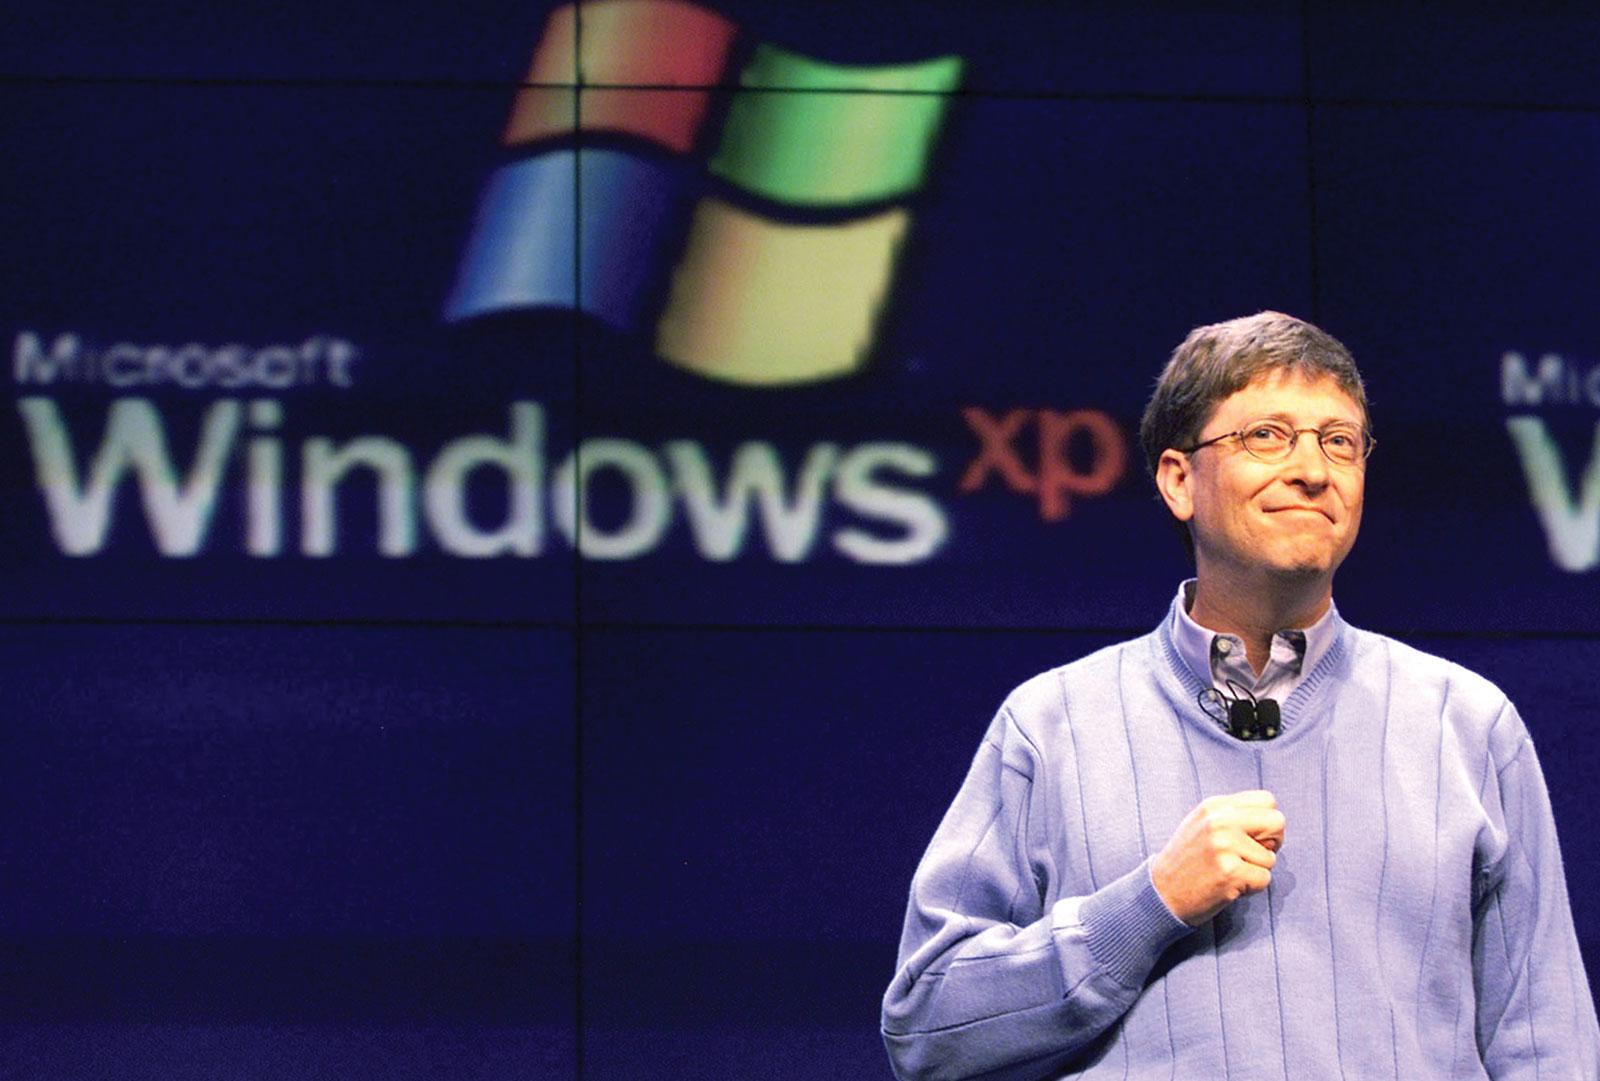 远见!20年前比尔盖茨对网络的这些预言如今已获得验证